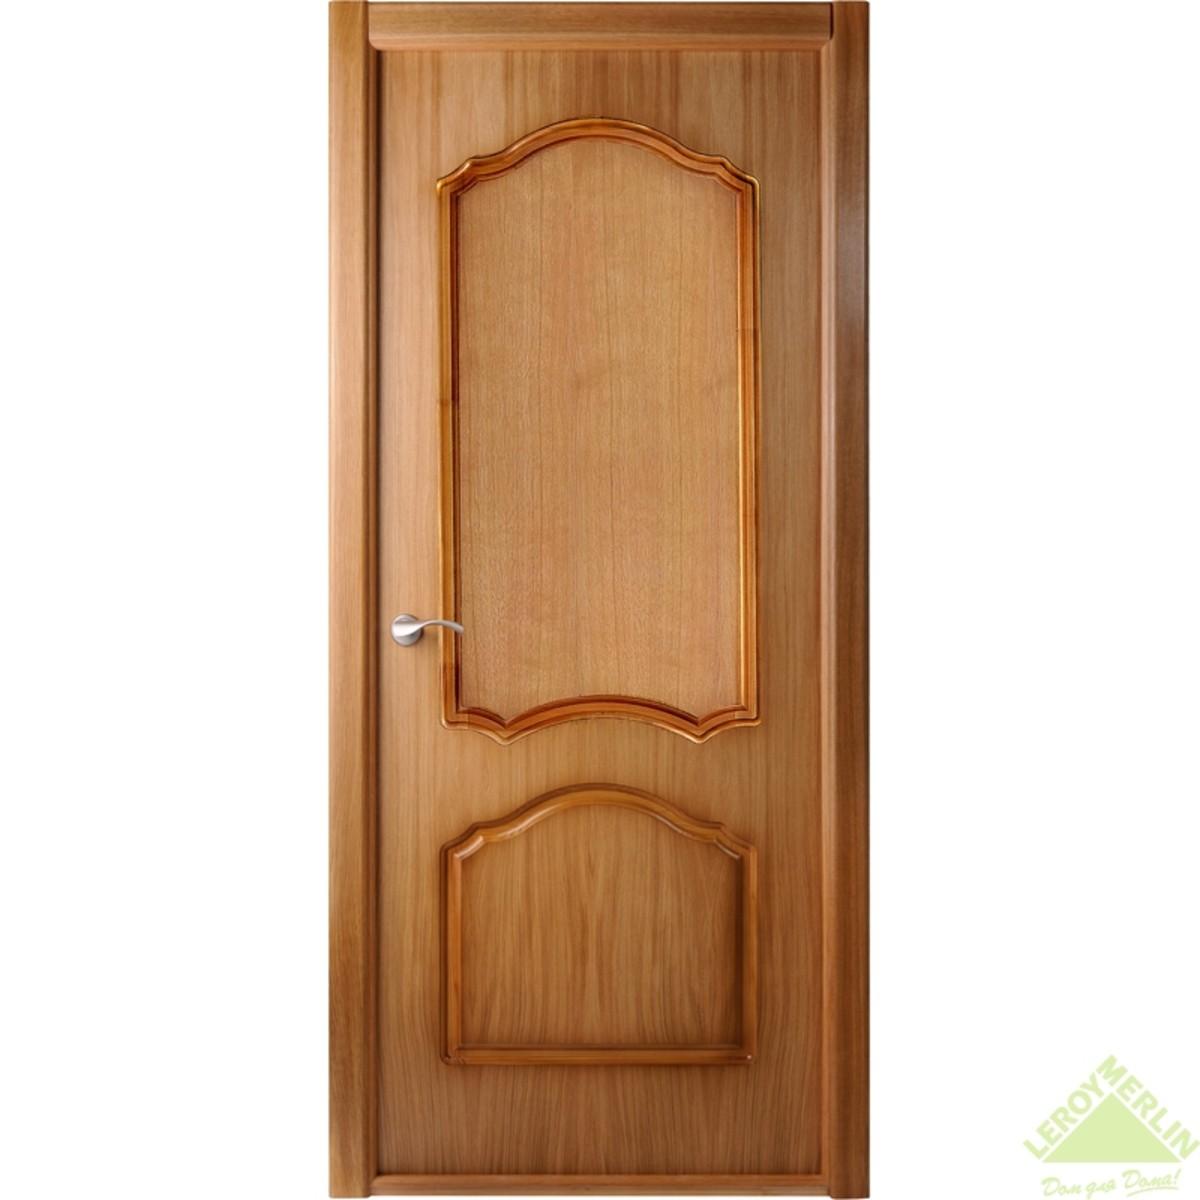 Дверь Межкомнатная Глухая Каролина 60x200 Ламинация Цвет Дуб